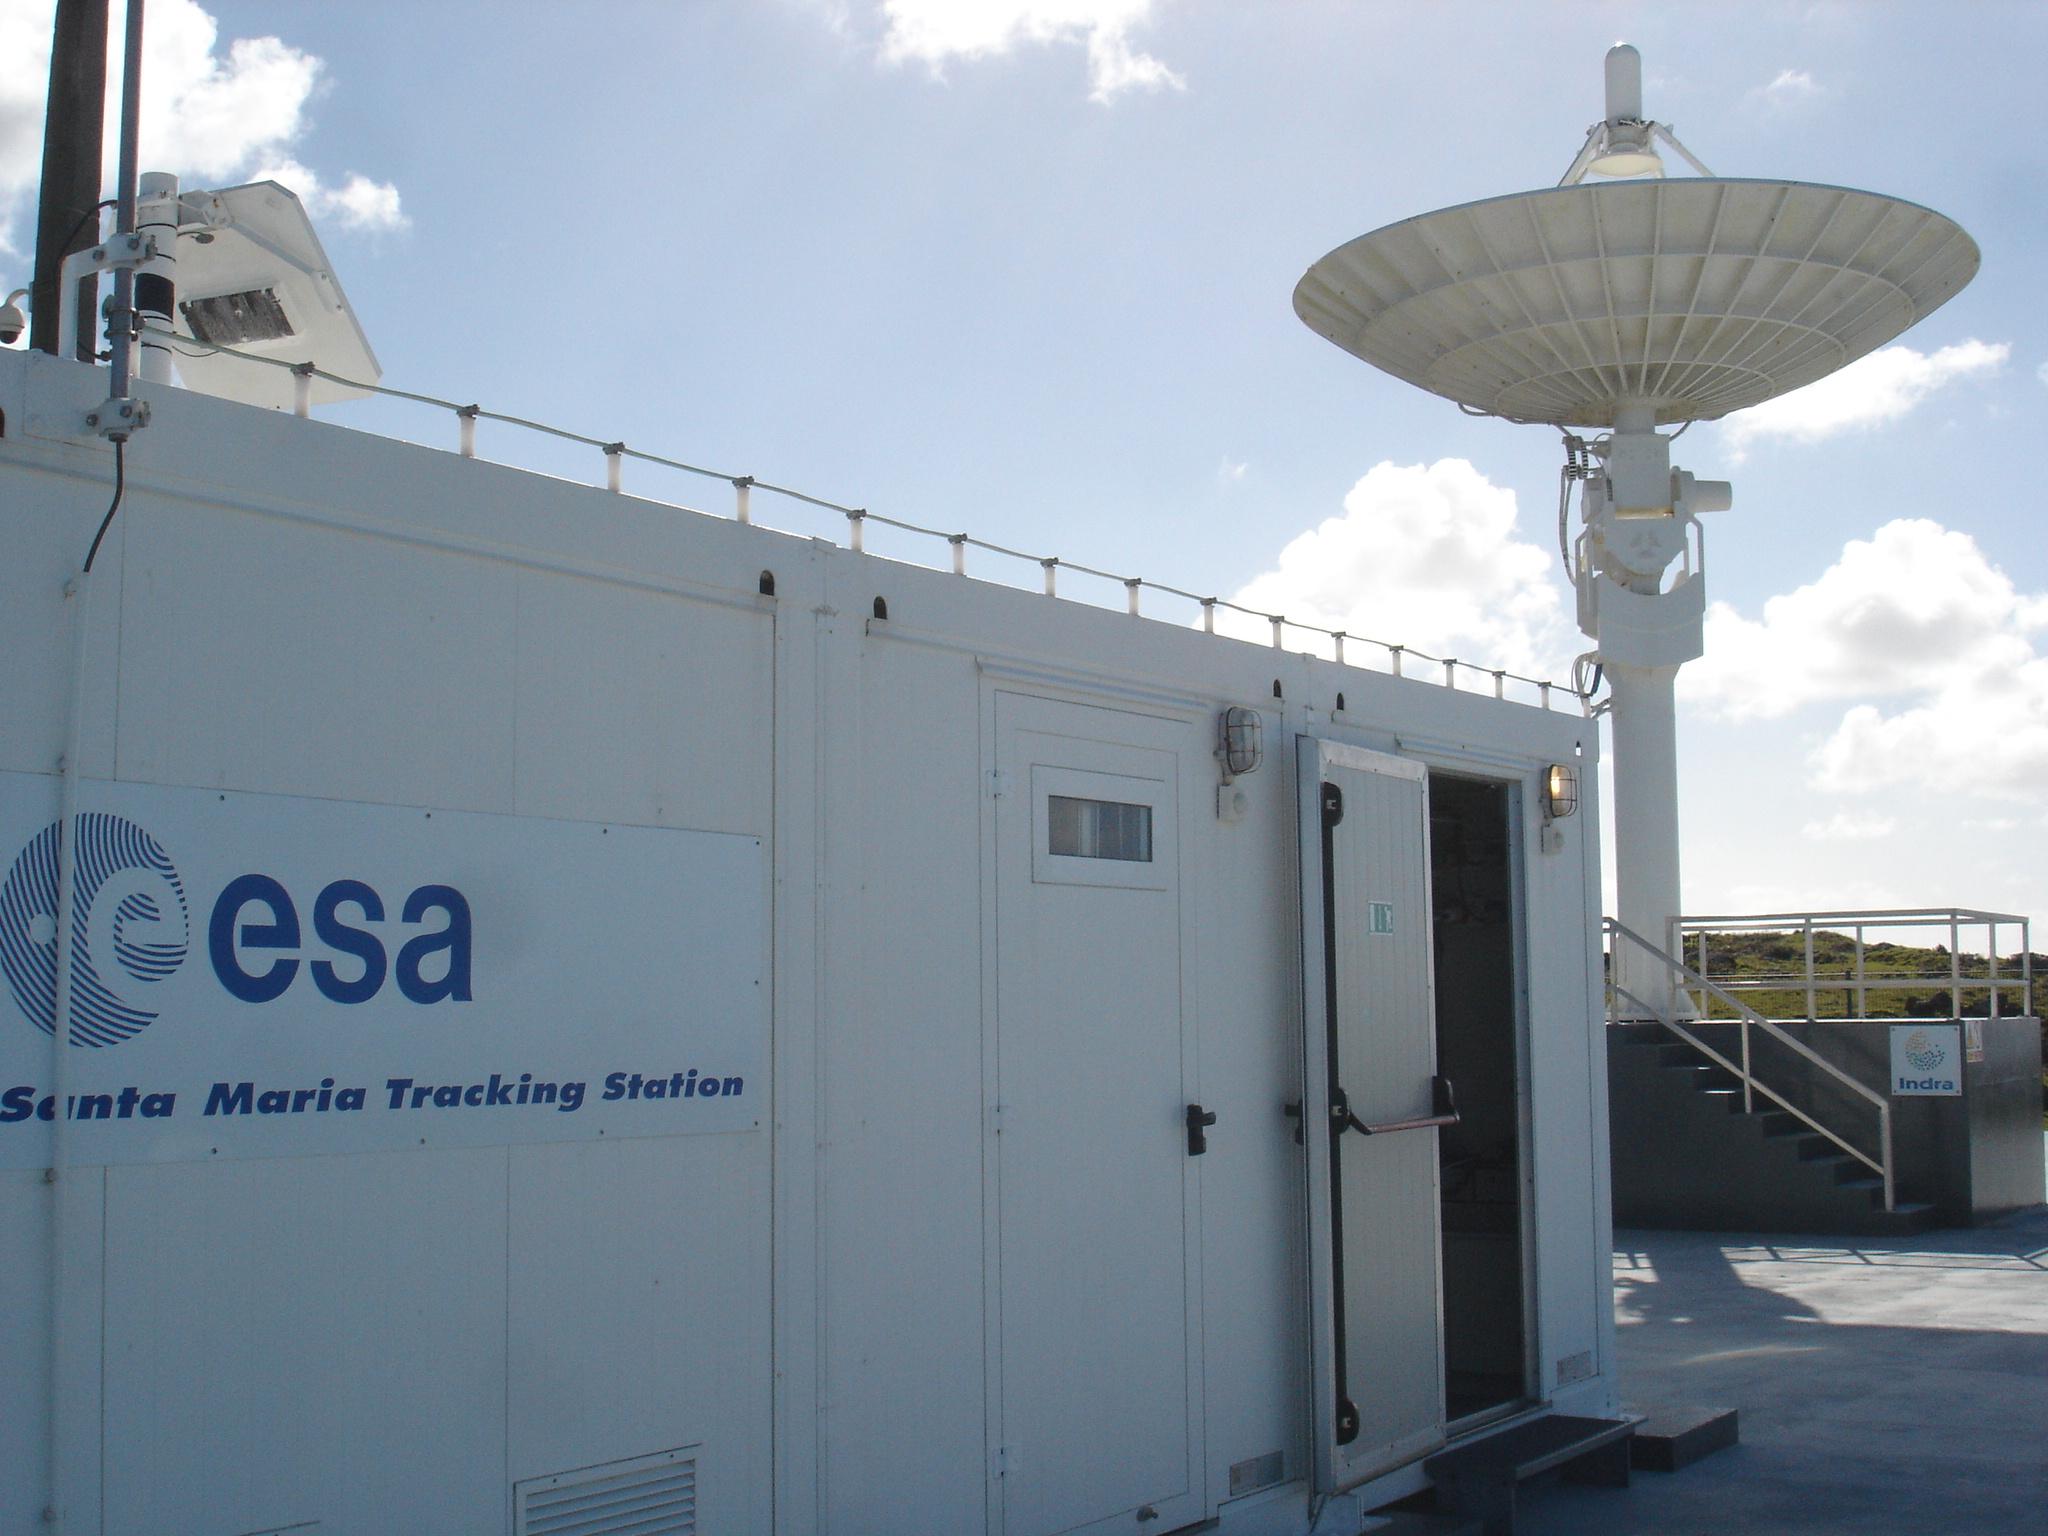 Antena de rastreio da ESA em Santa Maria. Fonte: http://goo.gl/NUPHeC